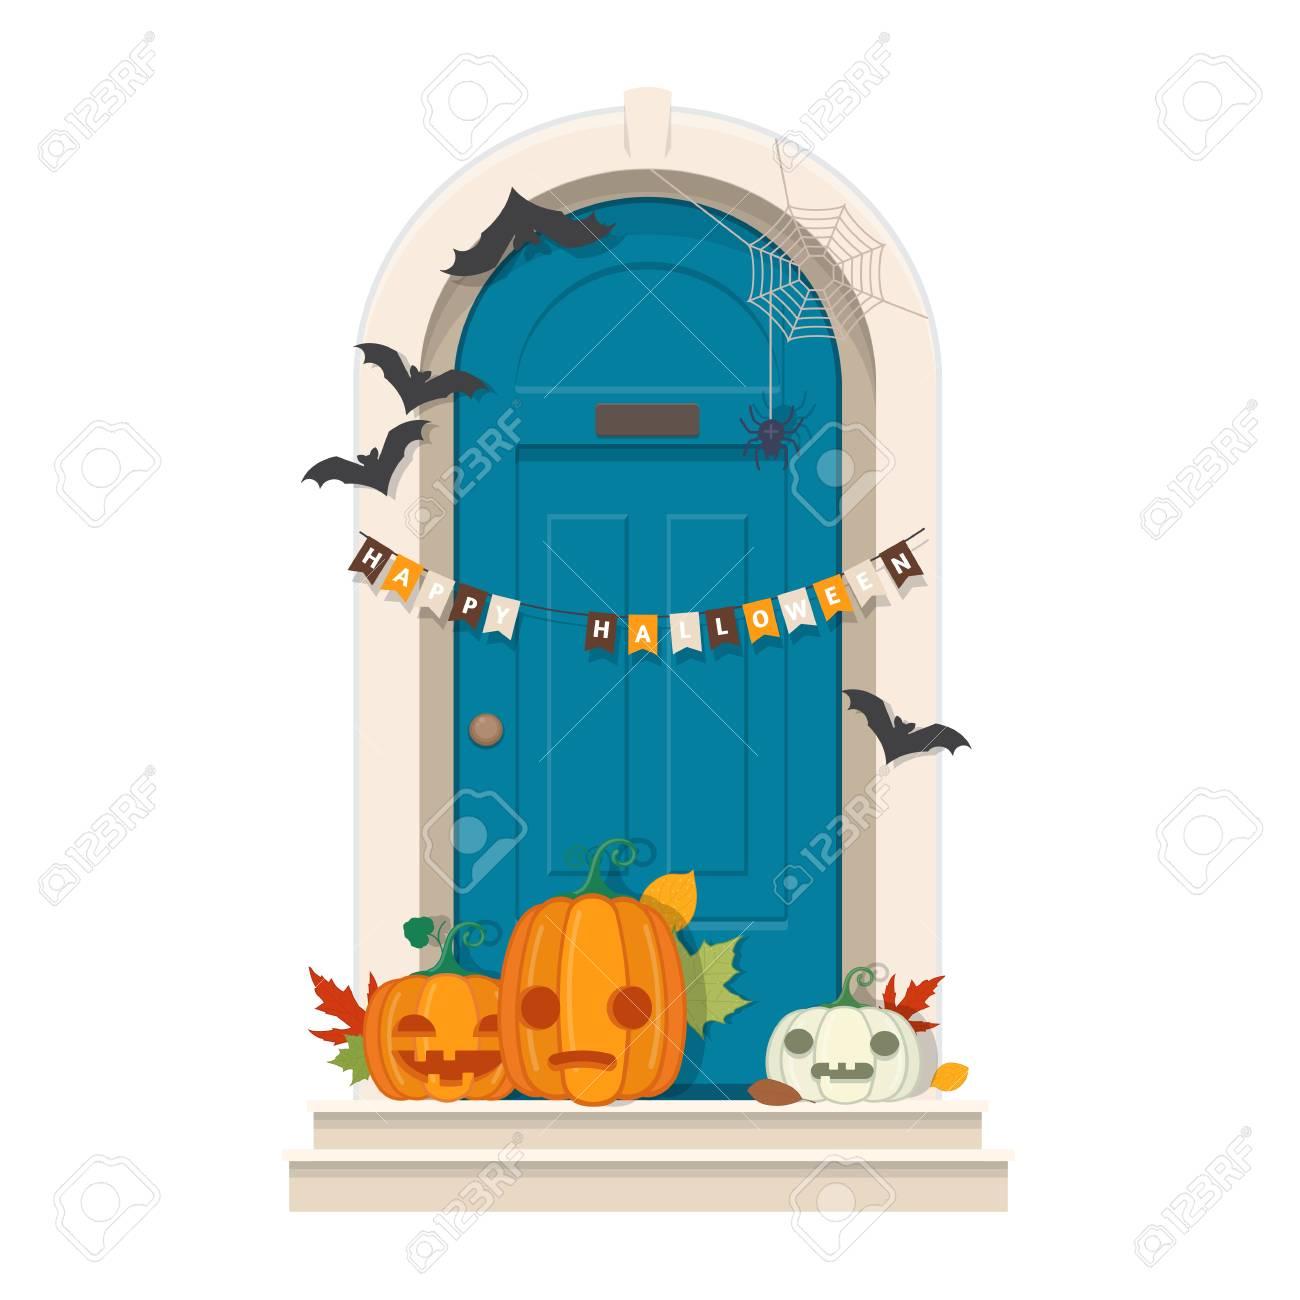 Halloween Door Decorations Front door with Halloween decorations